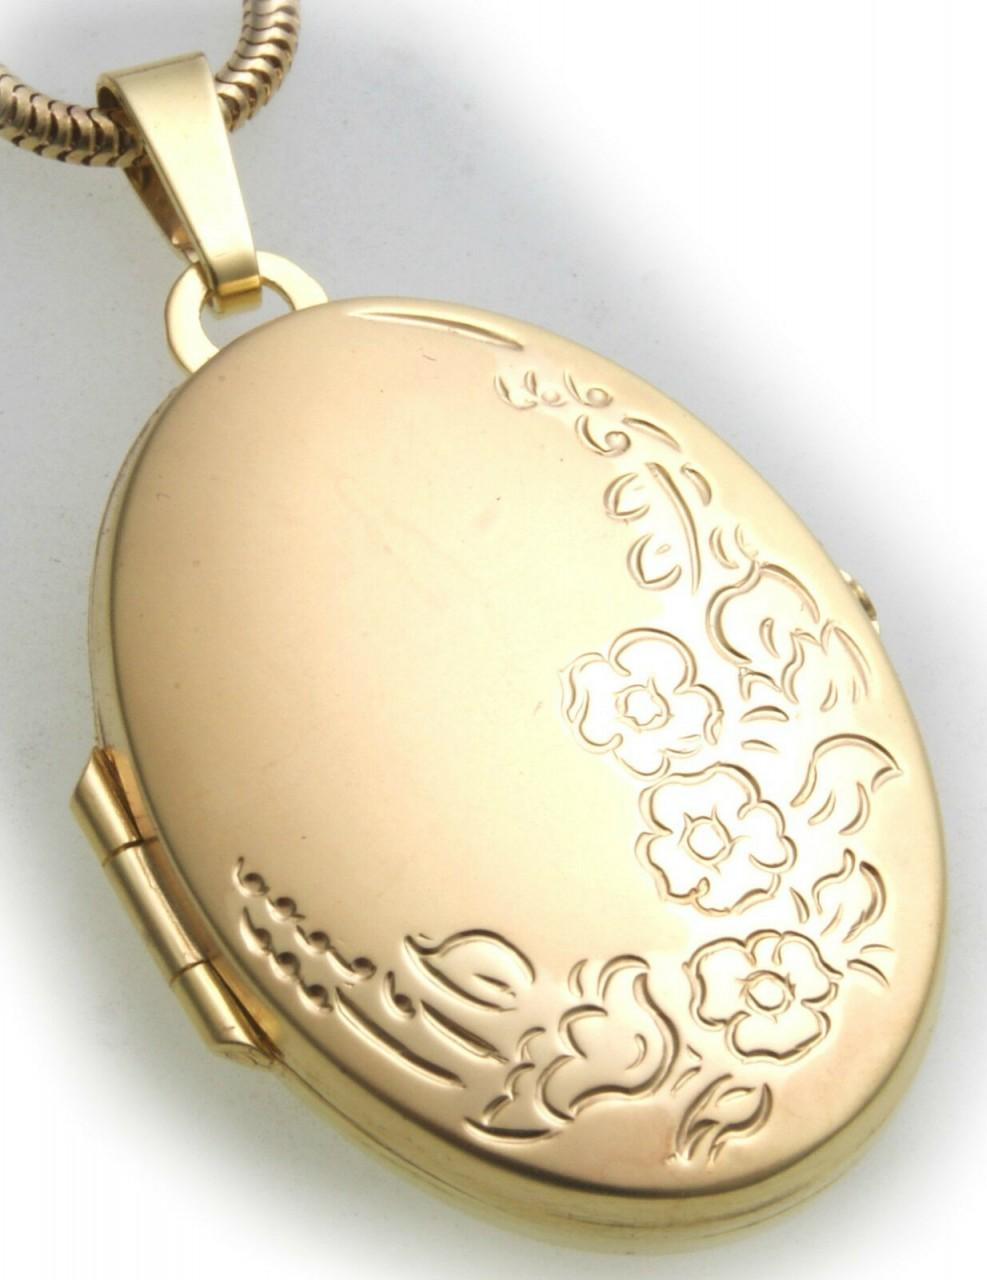 Damen Anhänger Medaillon echt Gold 333 teilmattiert 8kt verziert Gelbgold ME3507